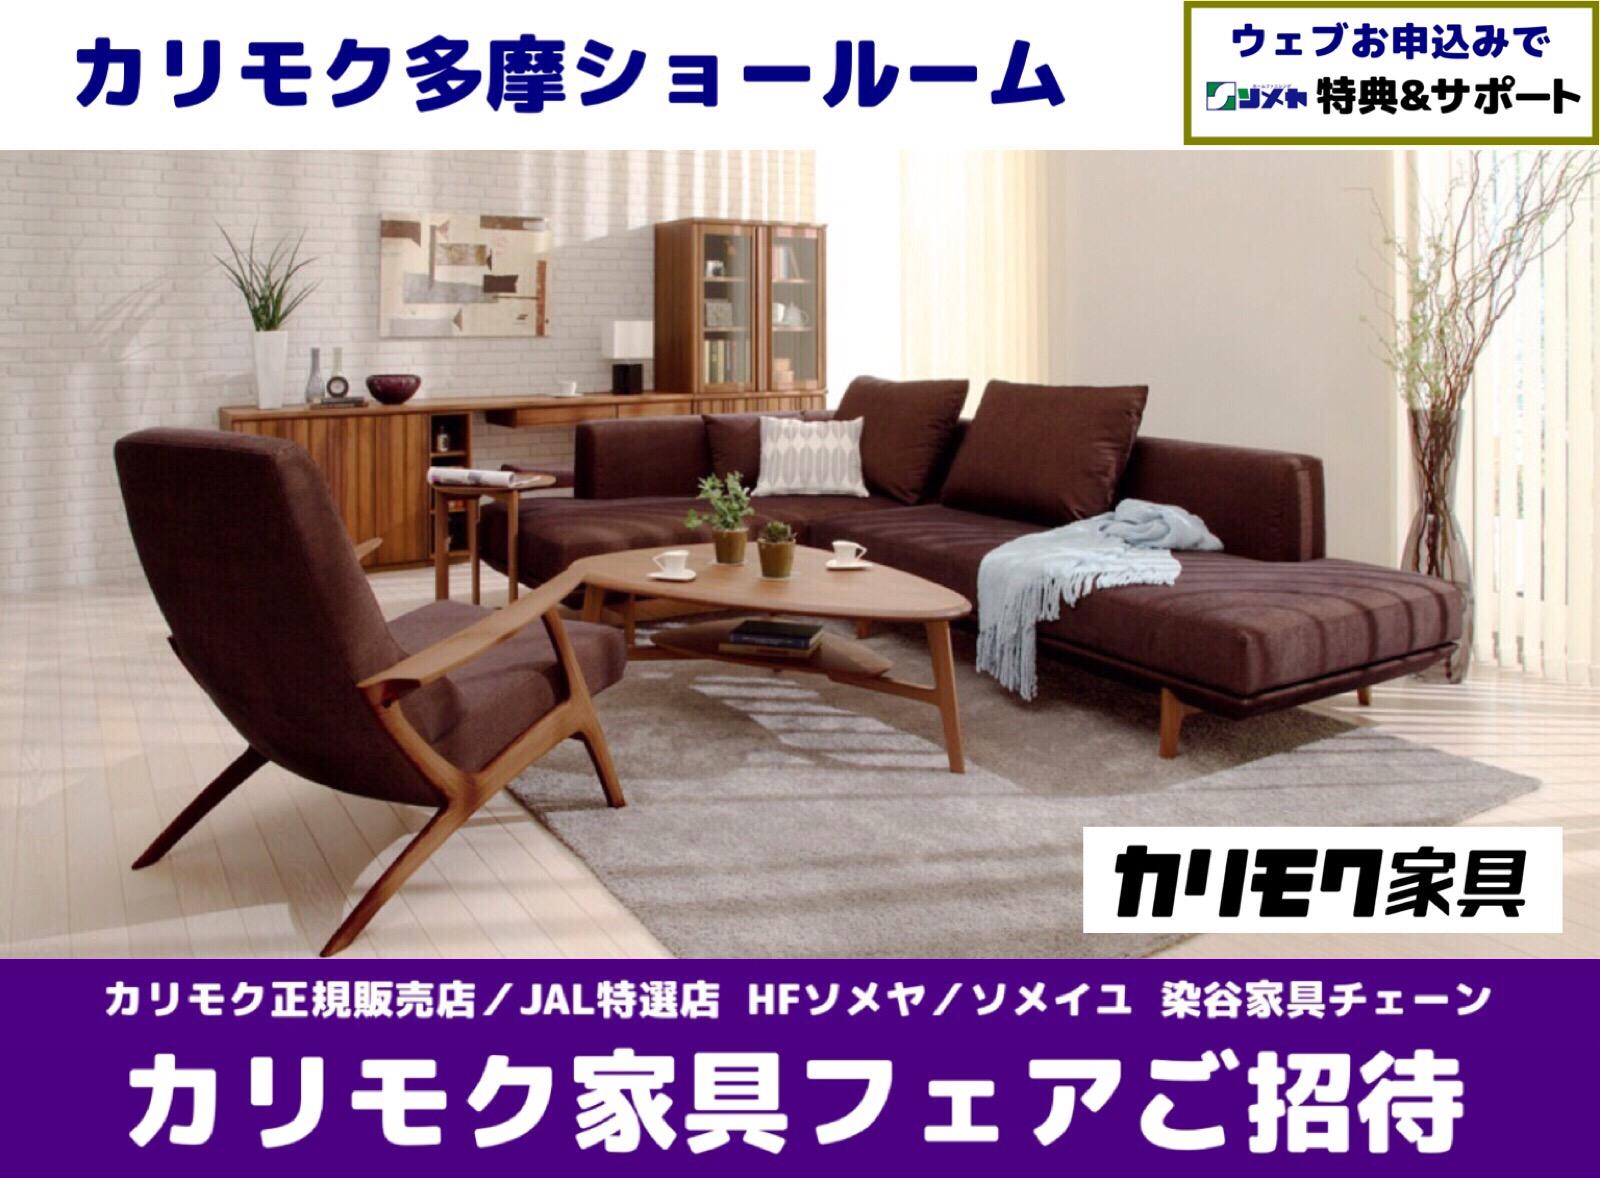 カリモク家具多摩イベントご案内